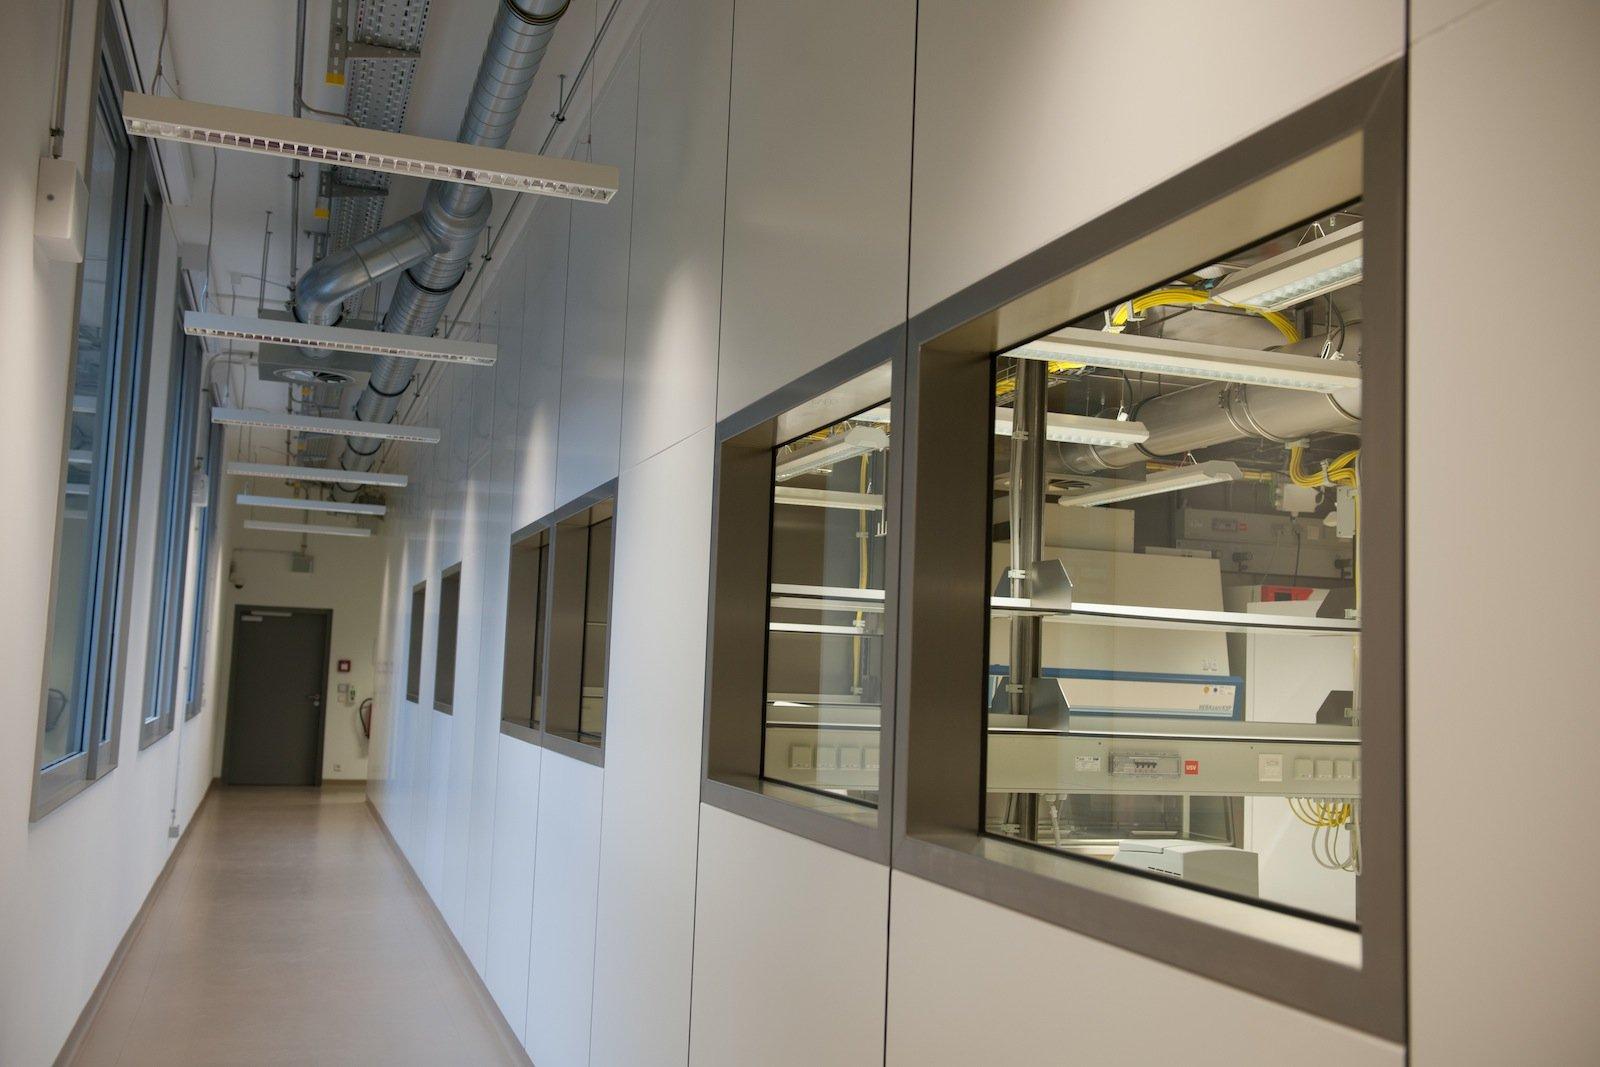 Ein komplett abgedichteter Raum mit eigener Luft-, Strom- und Wasserversorgung: Das neue S4-Labor in Berlin. Bei einer Laborfläche von ca. 330 Quadratmetern können bis zu zehn Personen gleichzeitig arbeiten.